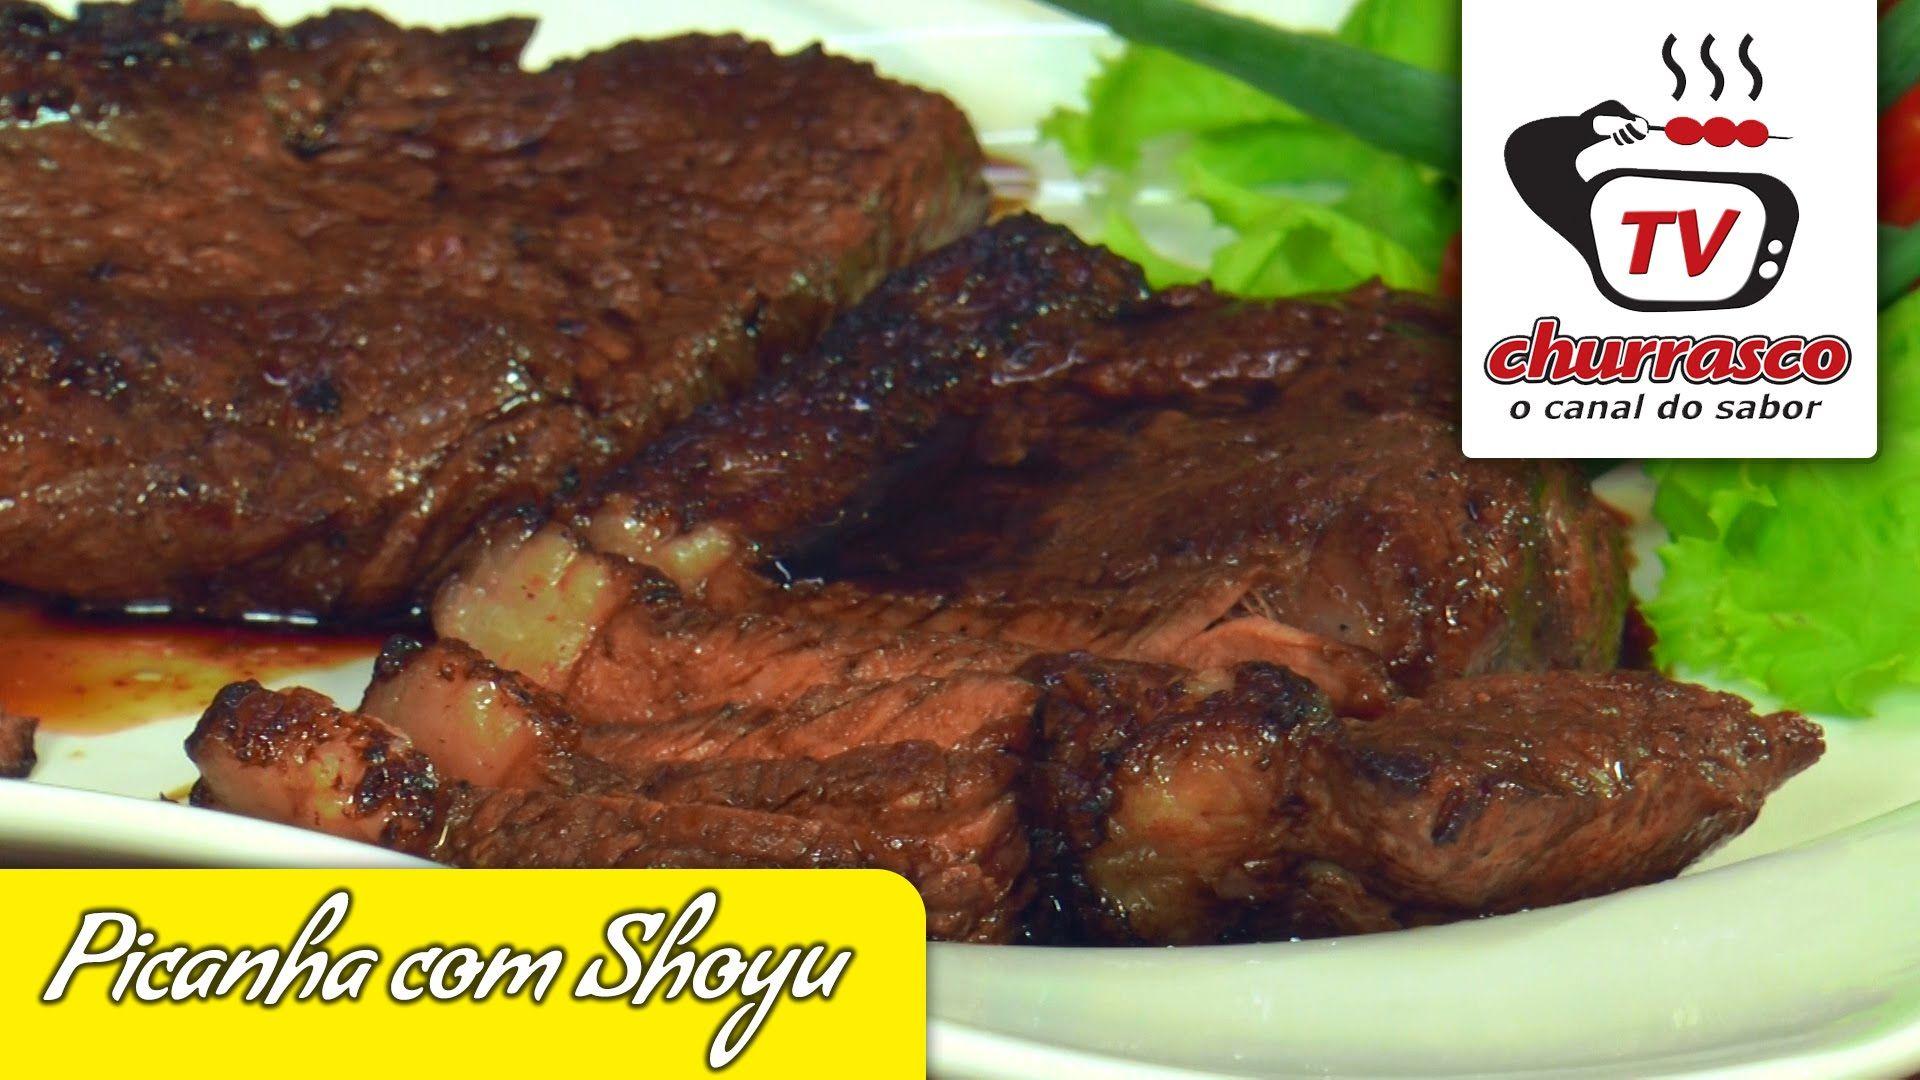 Receita de Picanha com Shoyu - Tv Churrasco - Especial Sorteio ... 119513cad5c